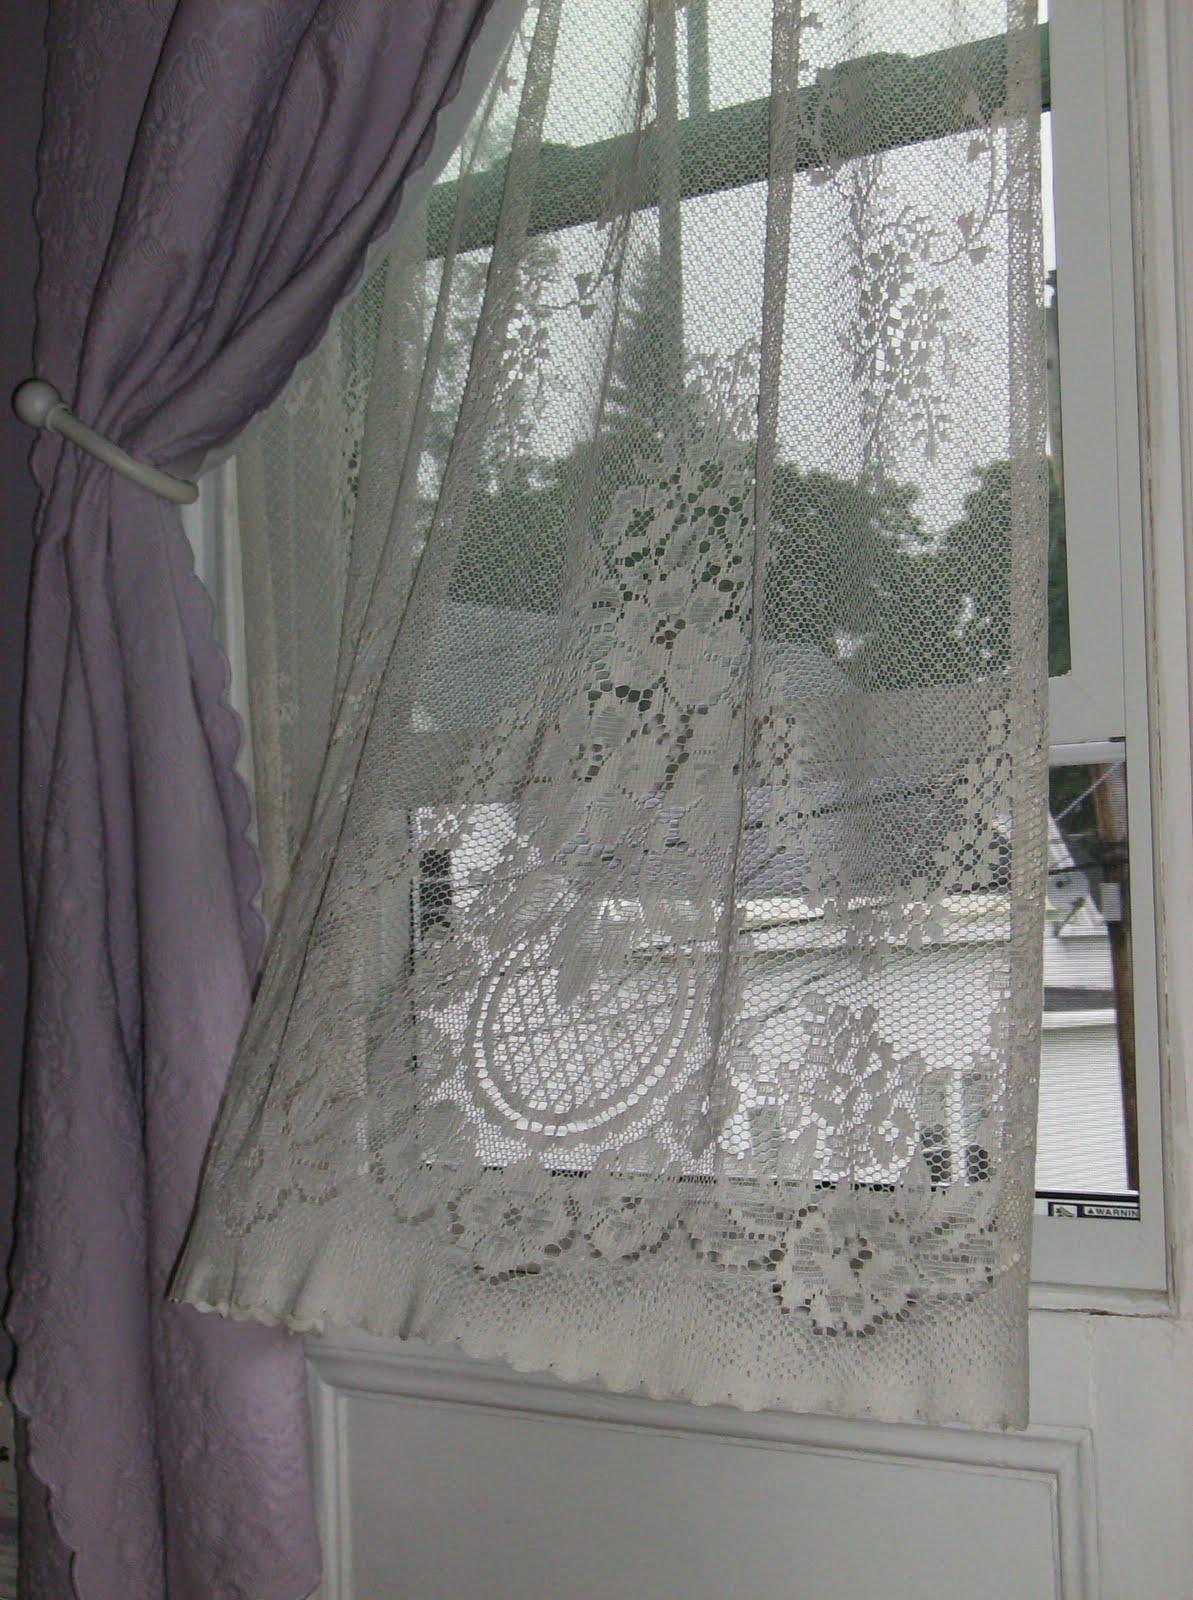 Open black curtain - Window Curtain Wind Open Window With Curtains Blowing A Lace Curtain Blowing In